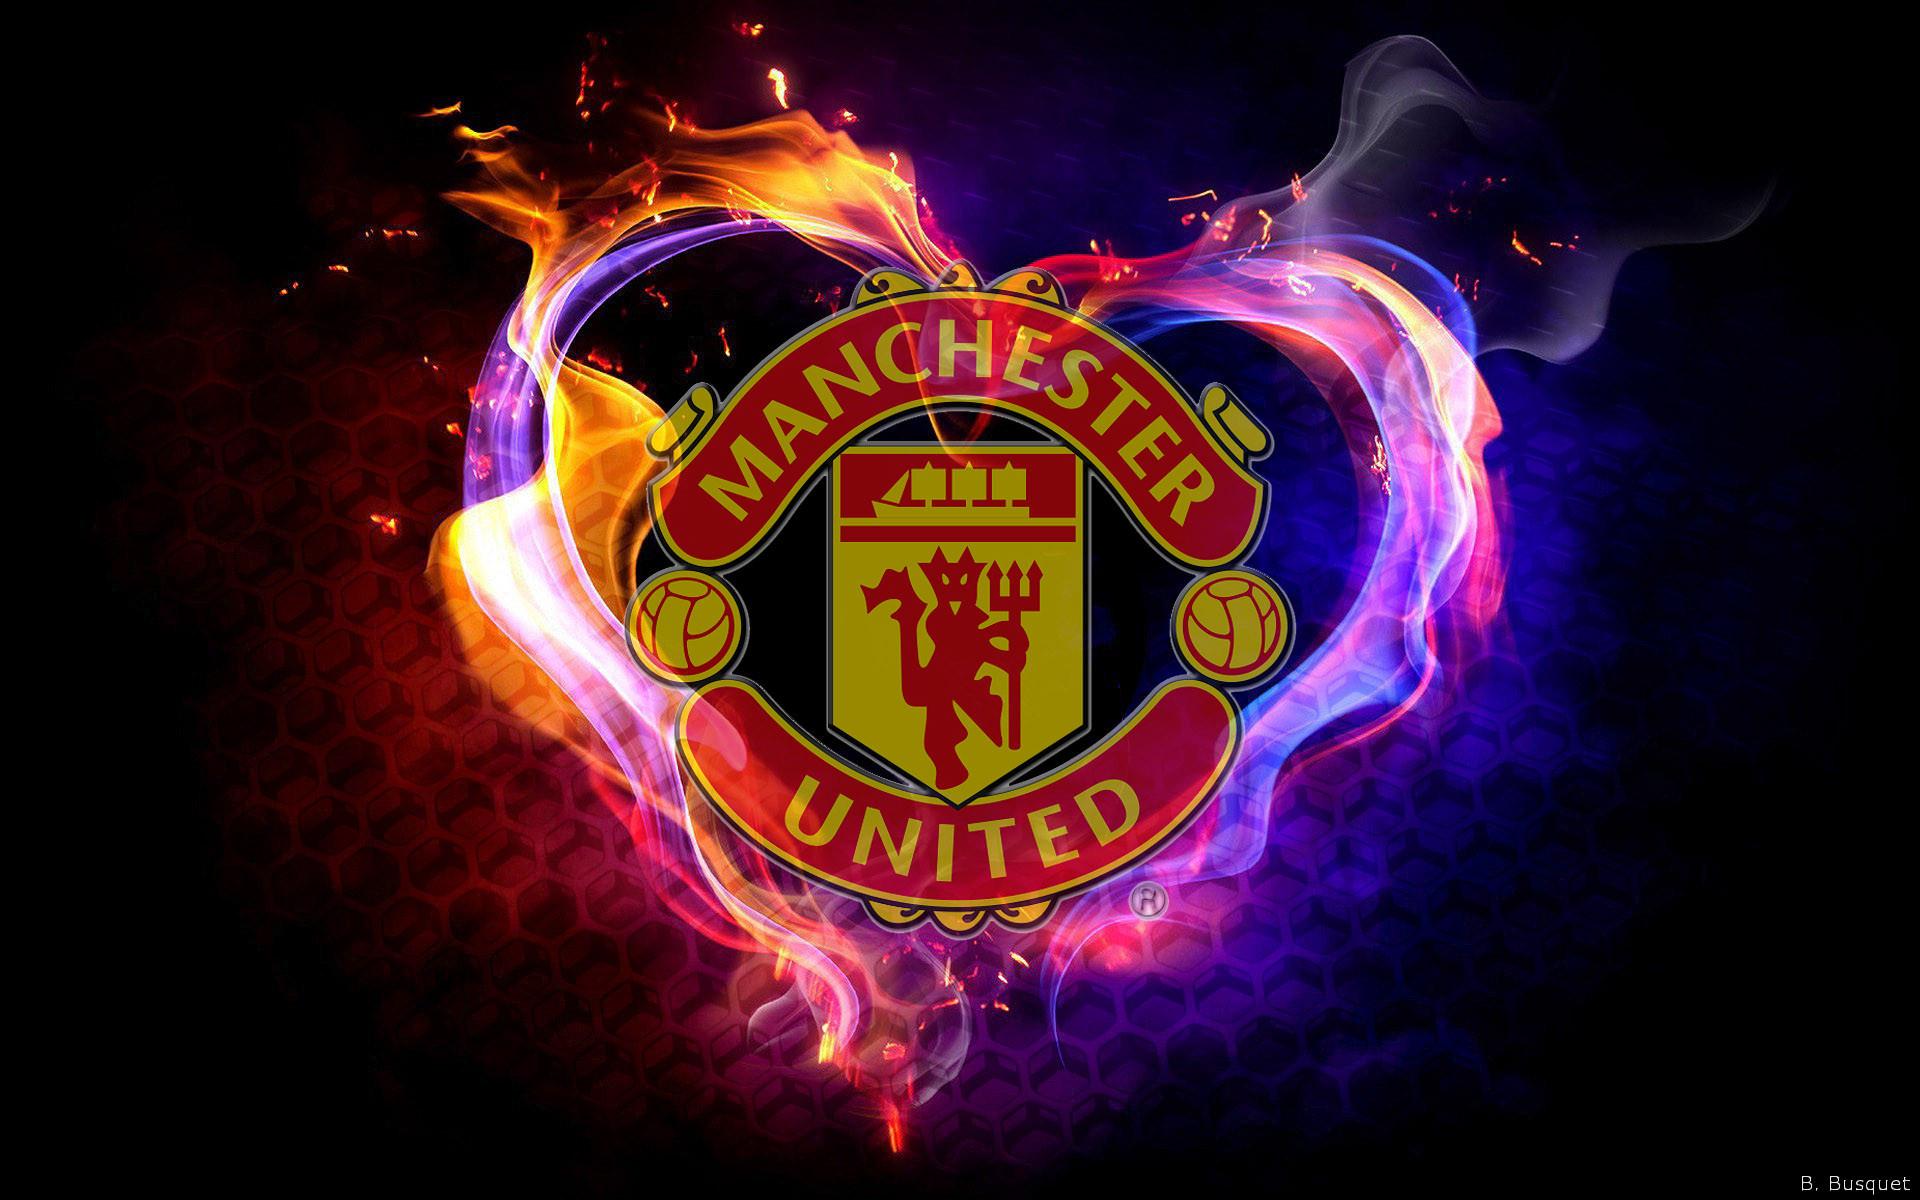 Manchester United Logo Wallpaper 3d Manchester United Logo Wallpaper Hd 183 ①